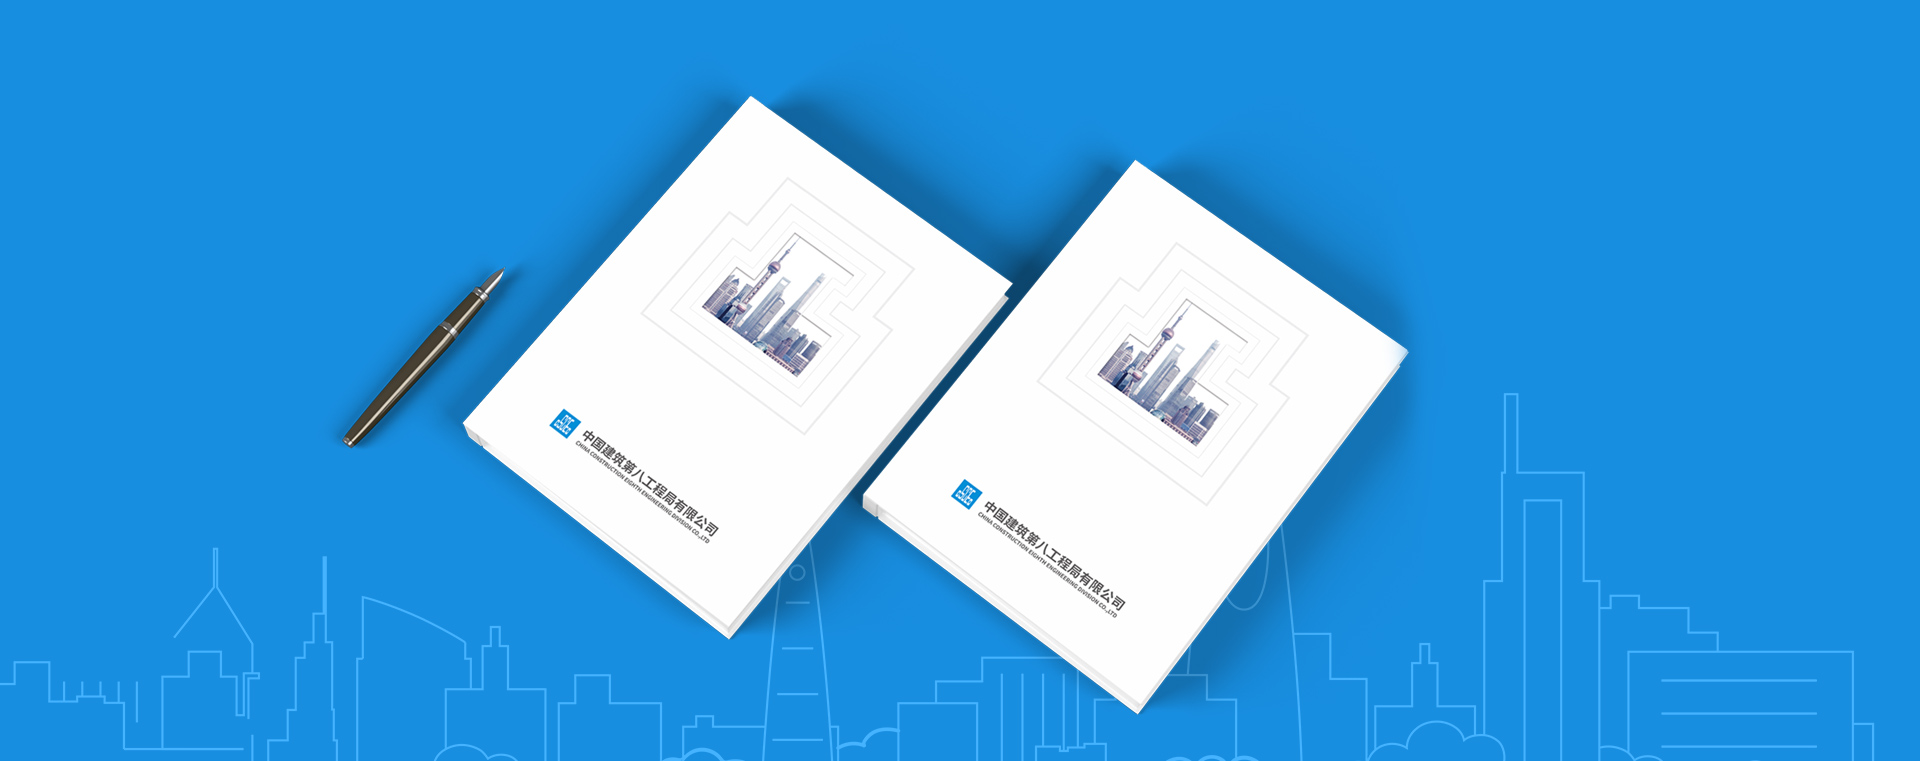 建筑企业宣传画册设计 建设单位画册设计案例-中建八局